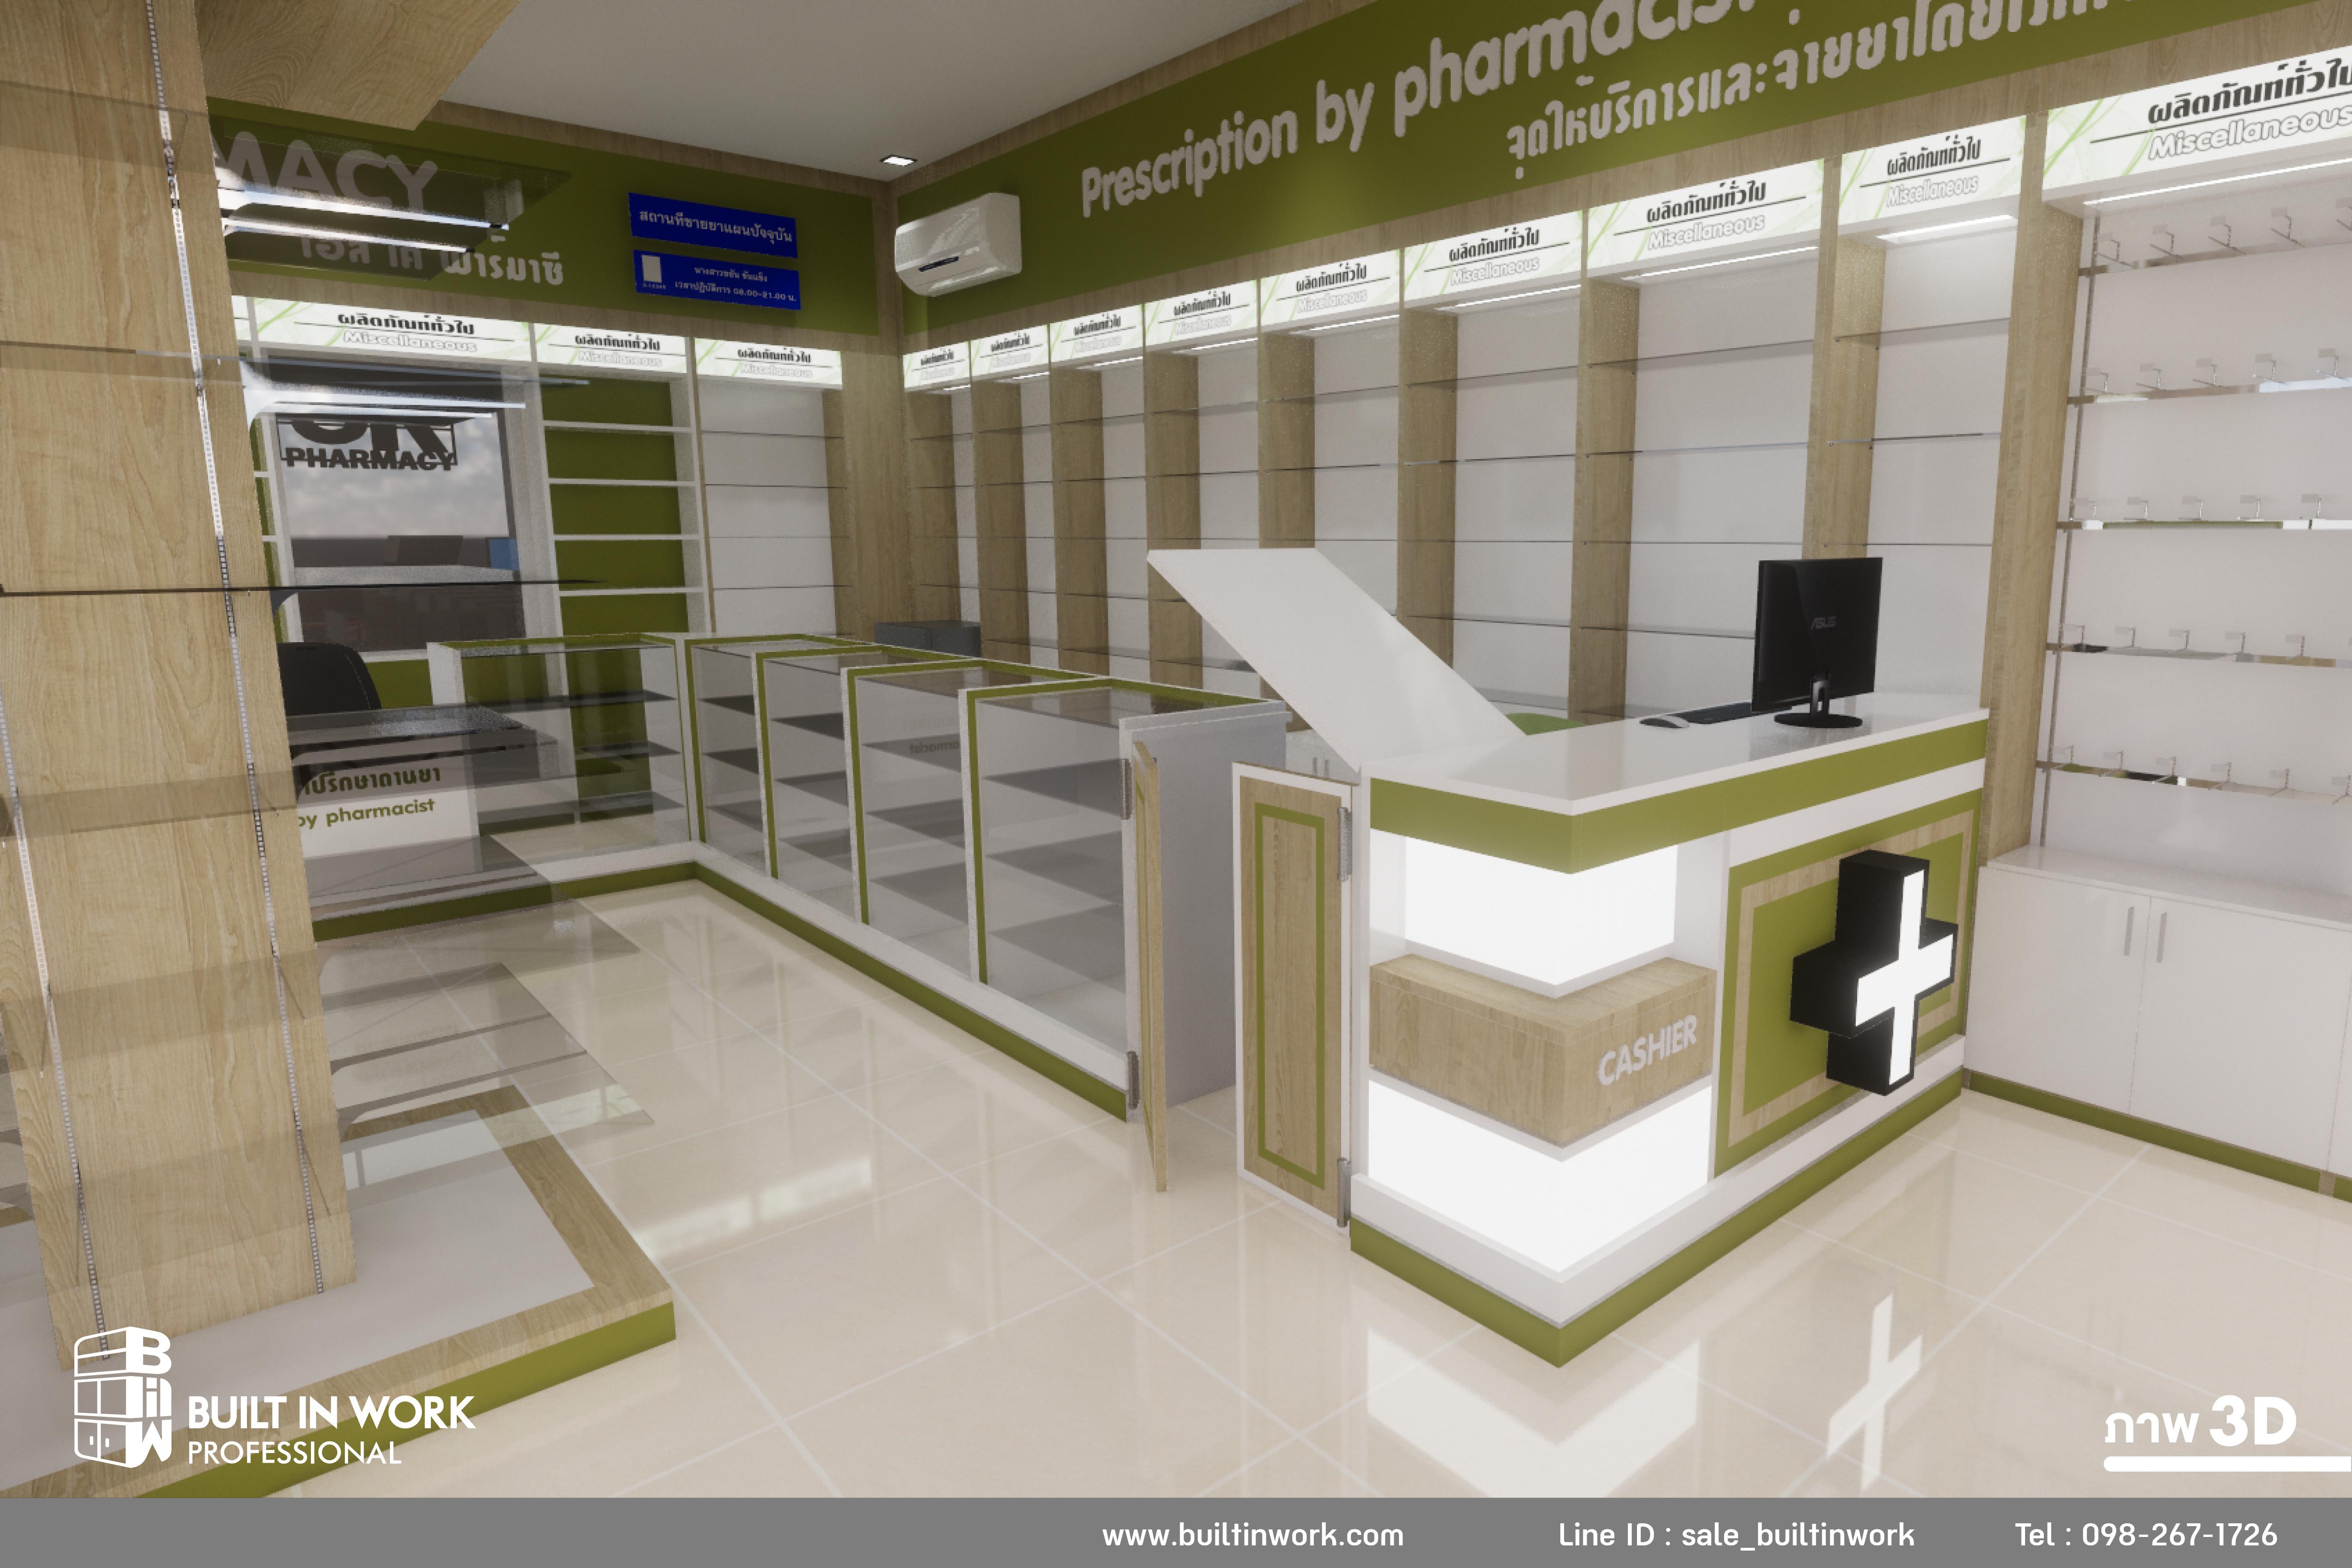 ตกแต่งร้านขายยา SK Pharmacy